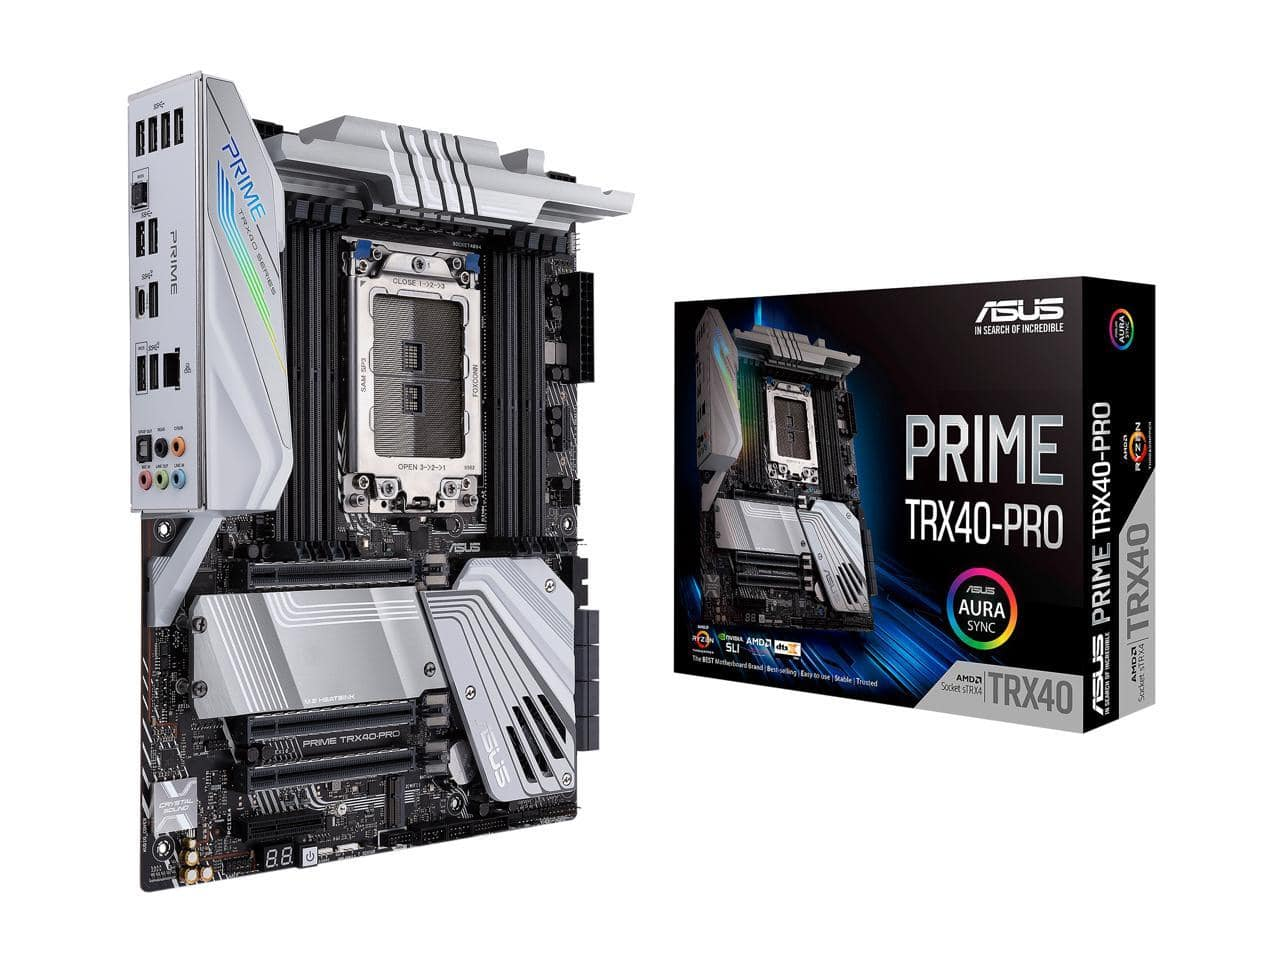 ASUS PRIME TRX40-PRO sTRX4 AMD TRX40 SATA 6Gb/s ATX AMD Motherboard FOR $269.99+f/s